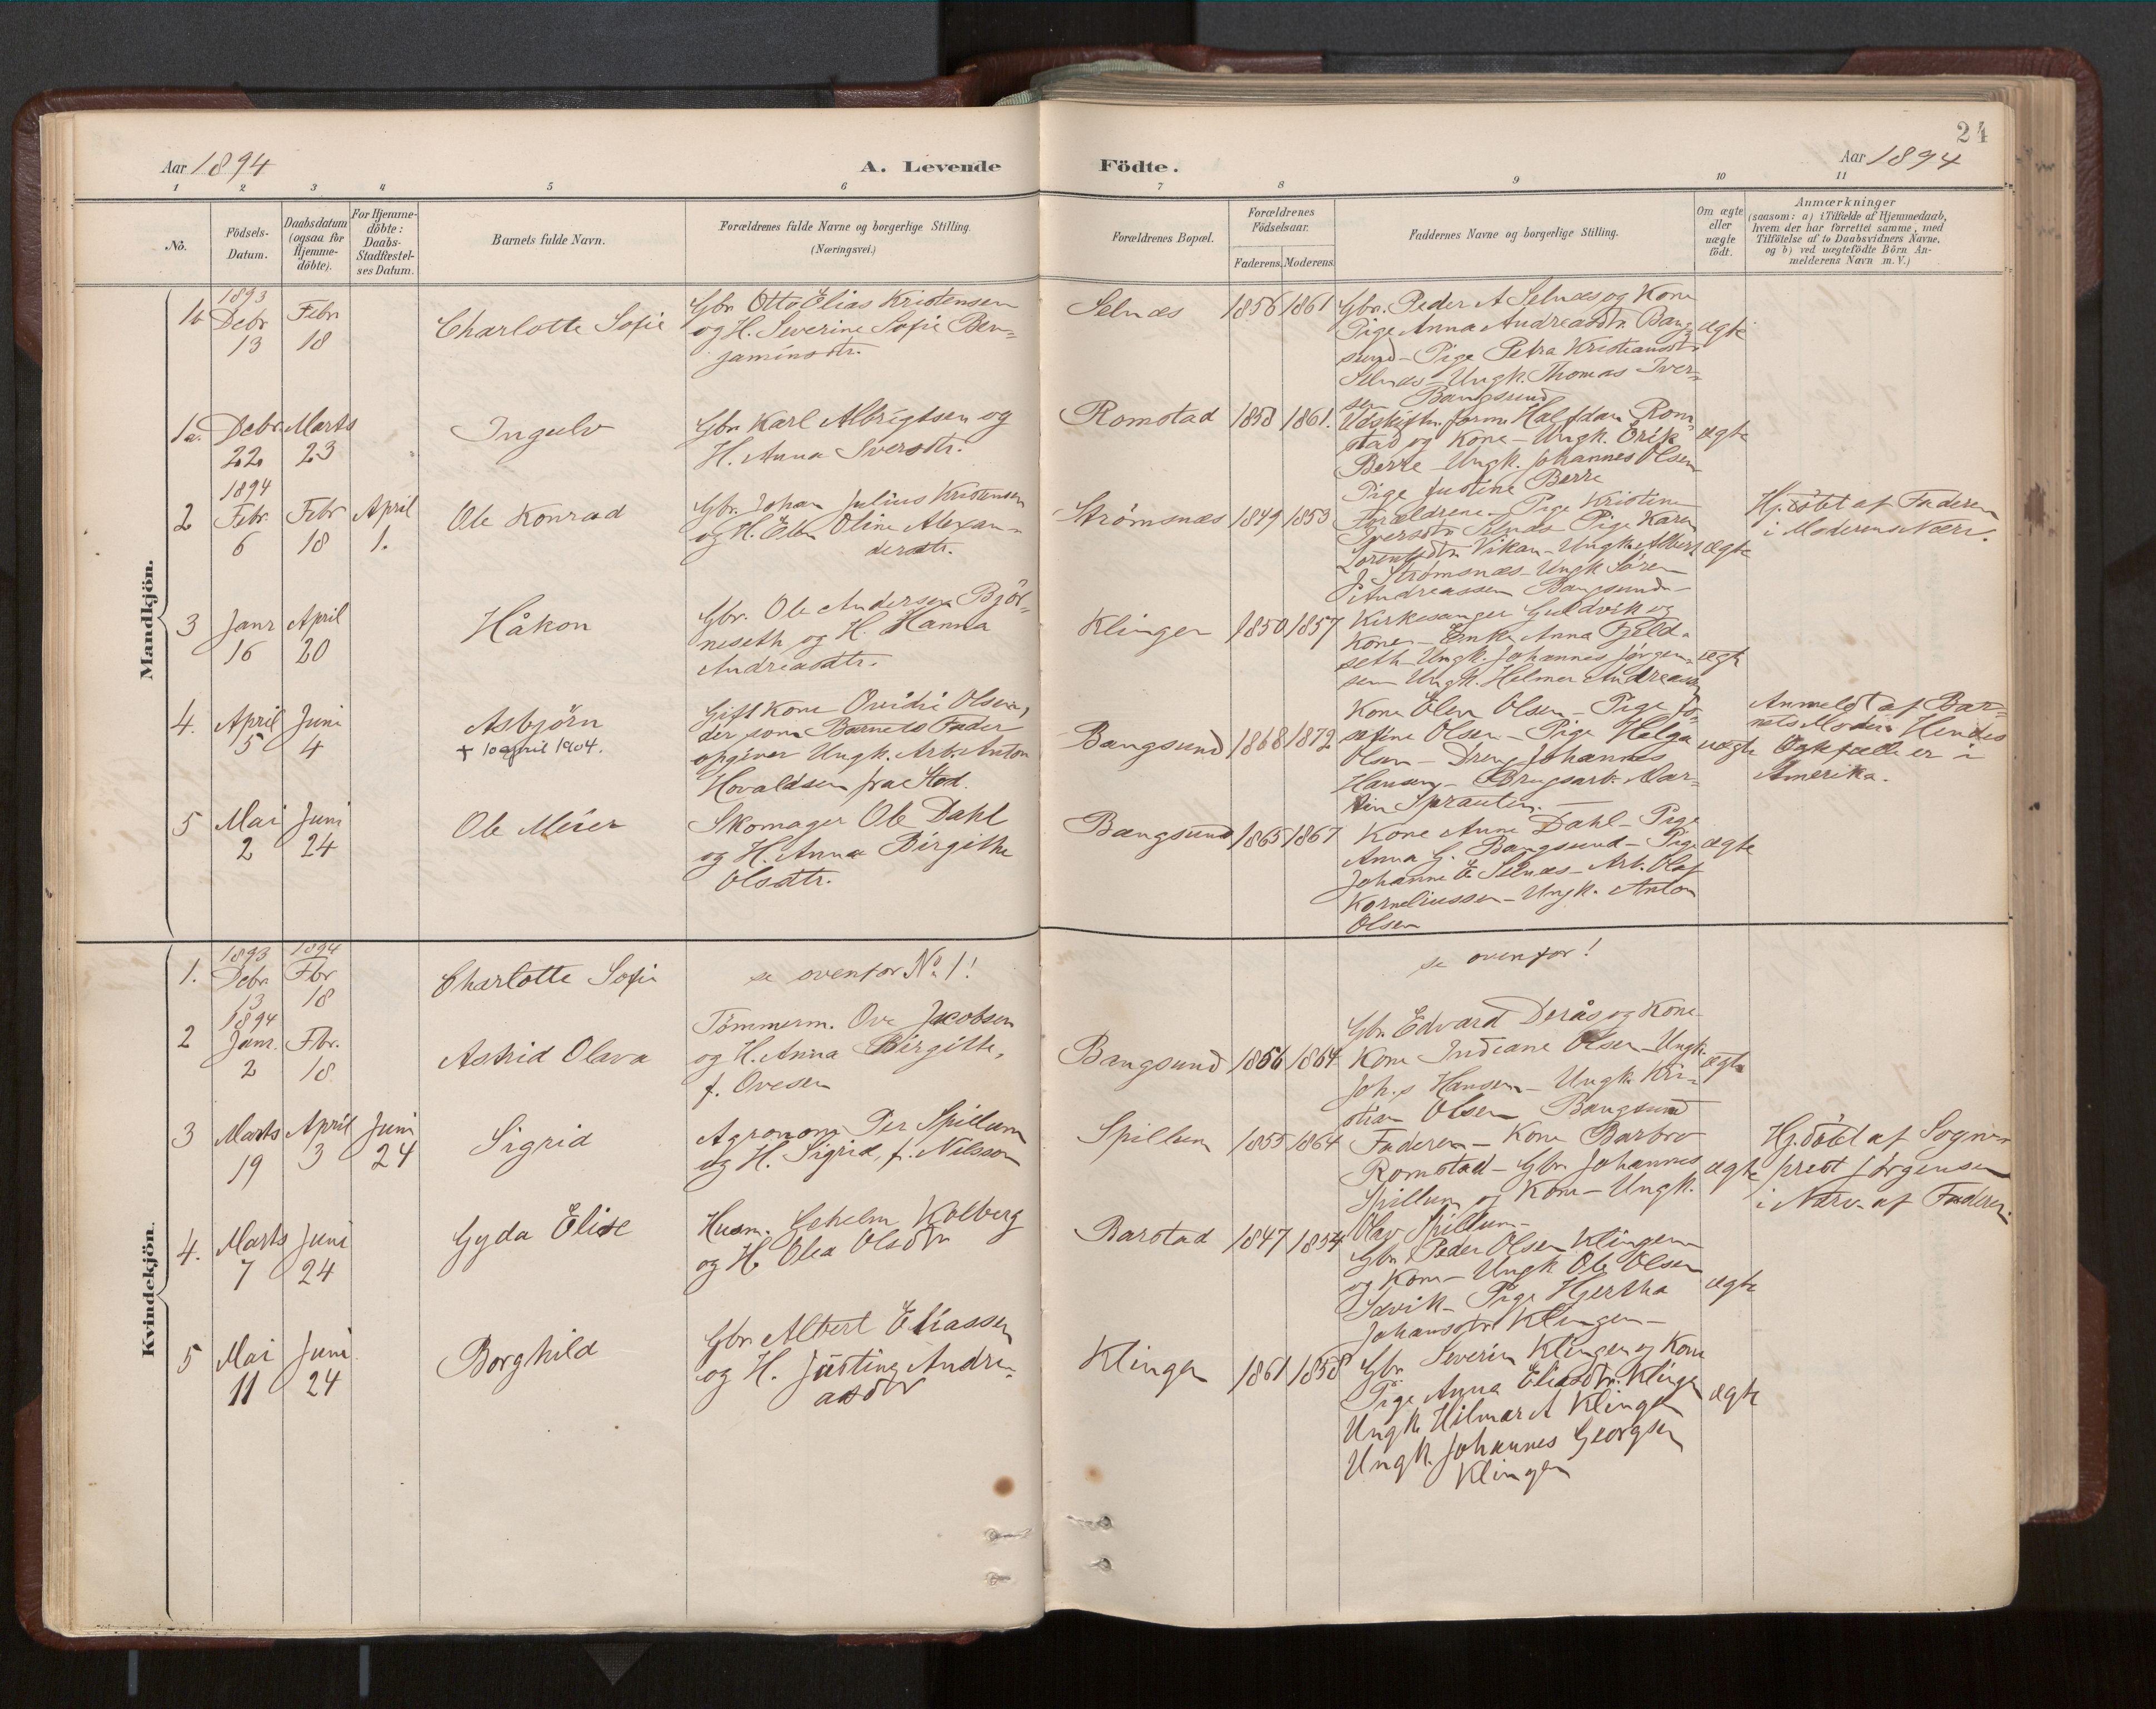 SAT, Ministerialprotokoller, klokkerbøker og fødselsregistre - Nord-Trøndelag, 770/L0589: Ministerialbok nr. 770A03, 1887-1929, s. 24